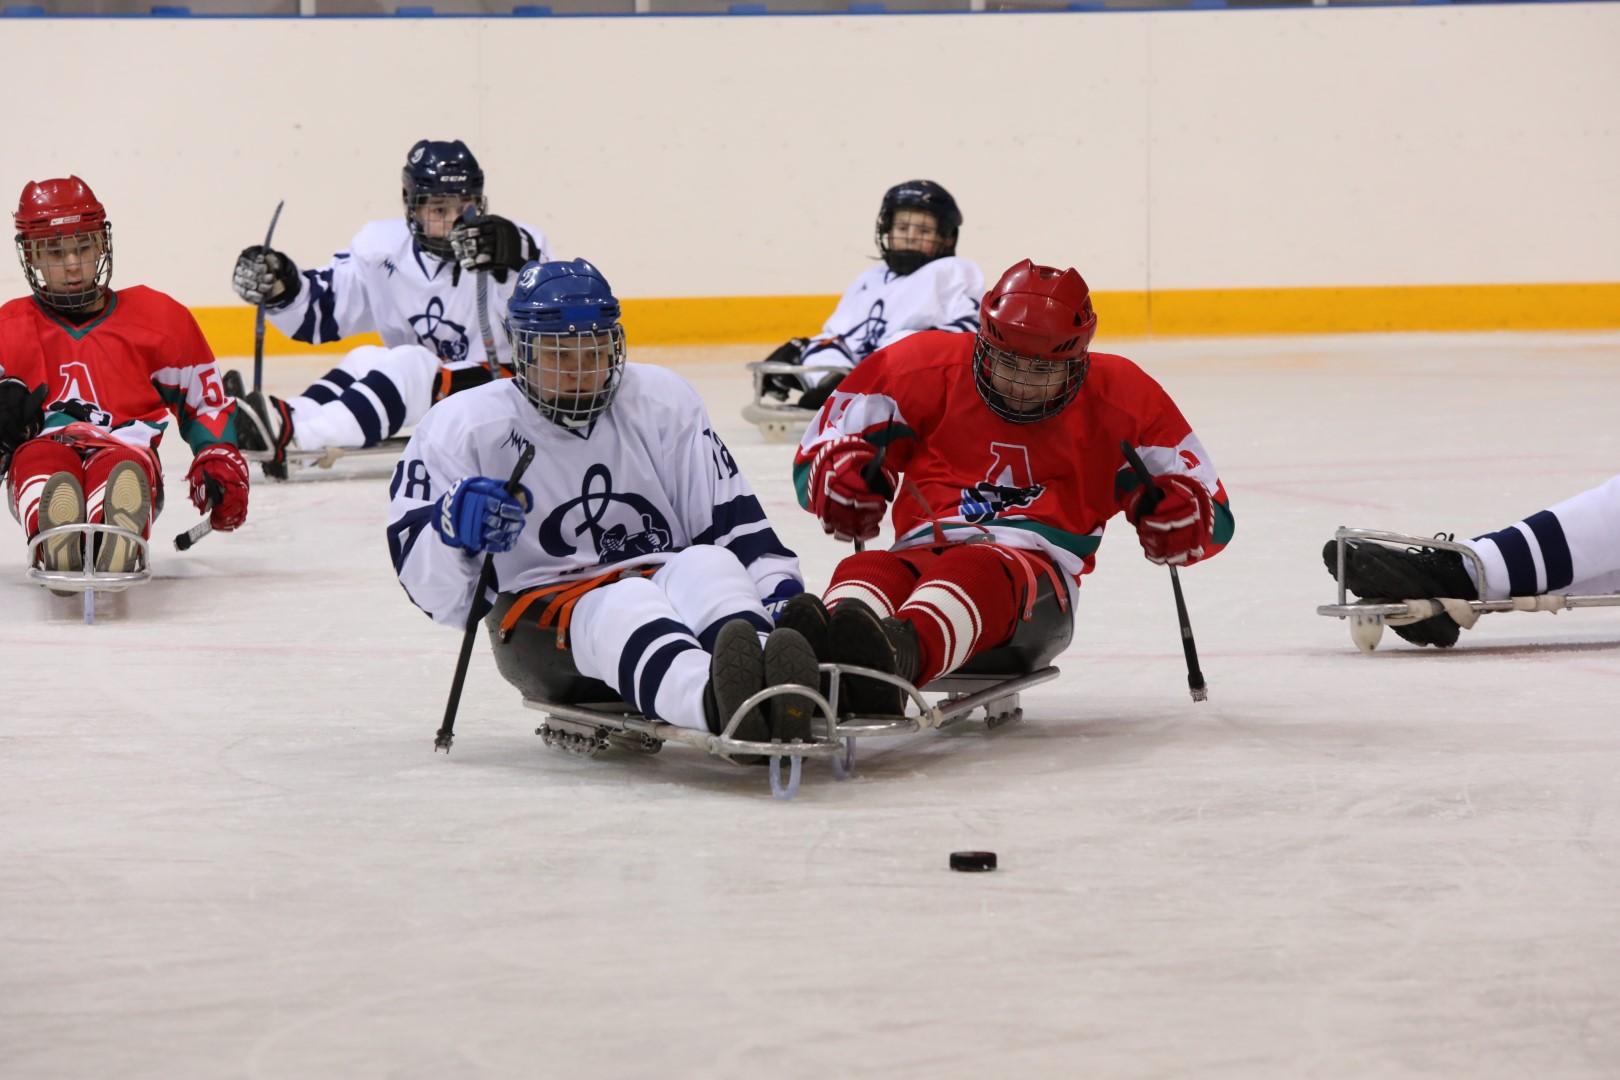 Дмитрий Миронов посетил первый матч по следж-хоккею в Ярославле: фото